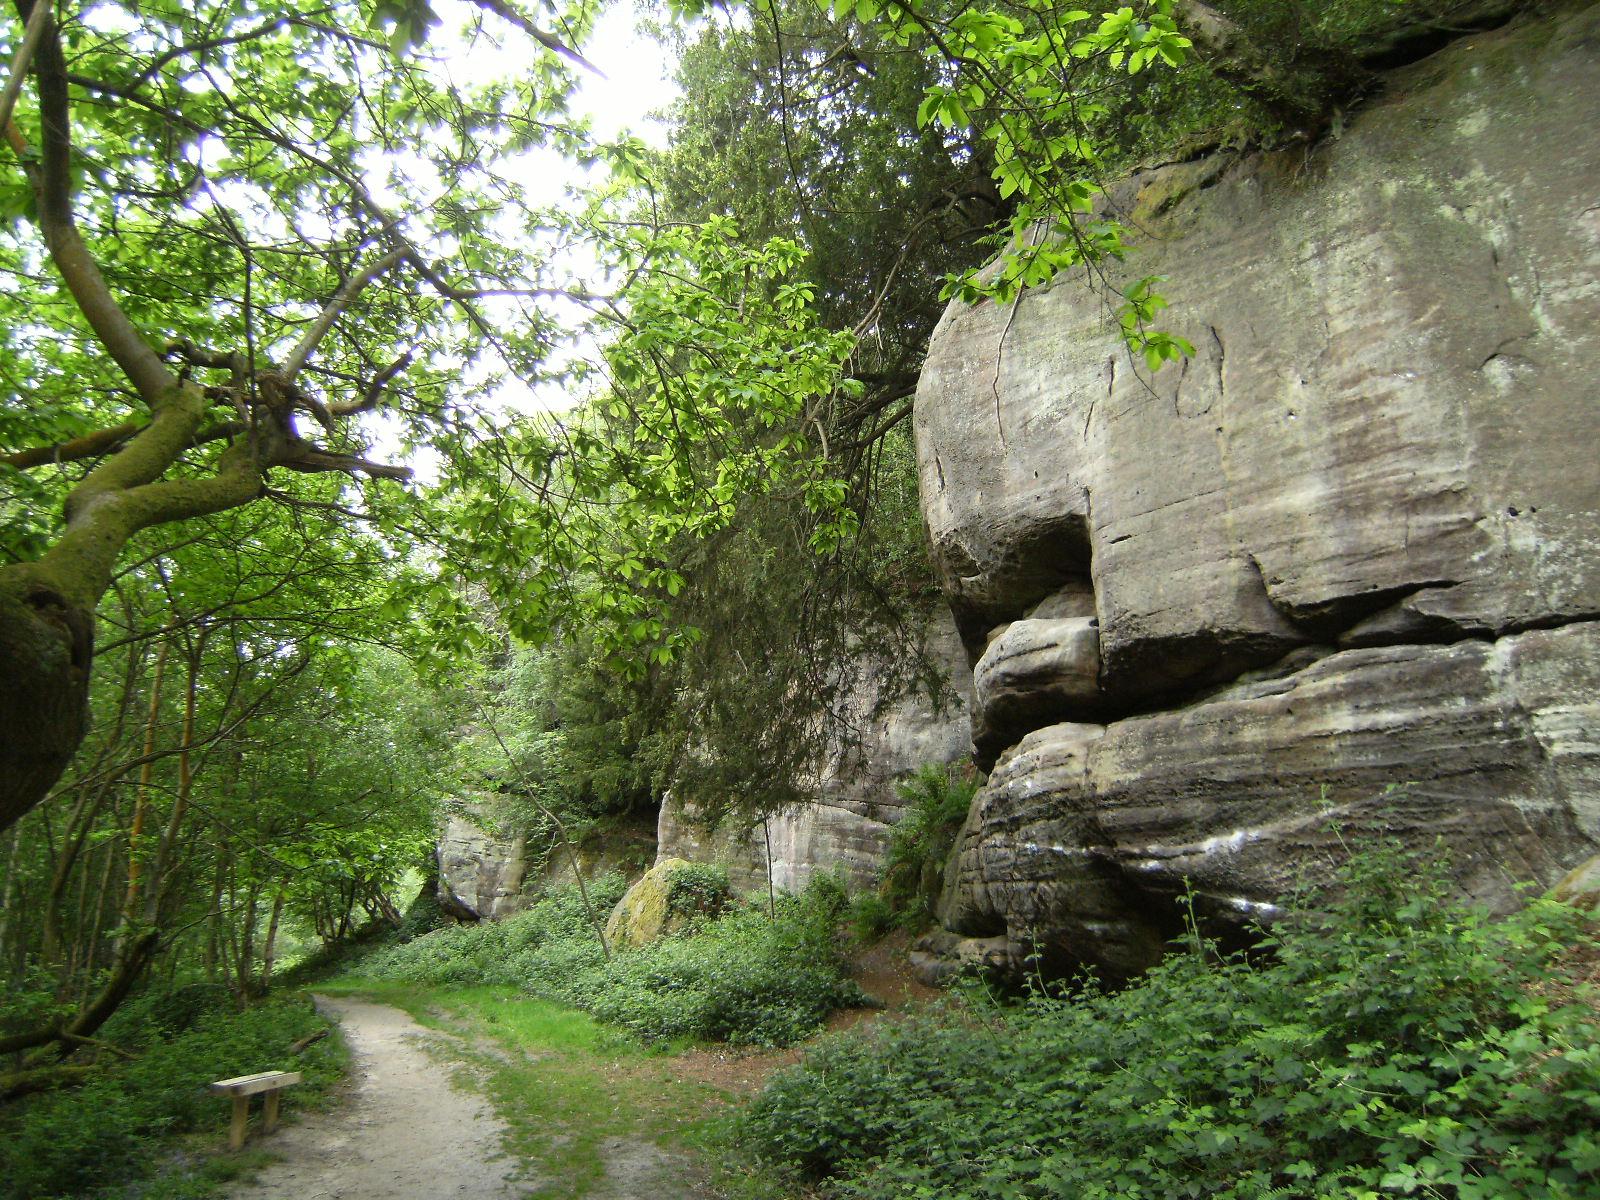 DSCF7986 Eridge Rocks